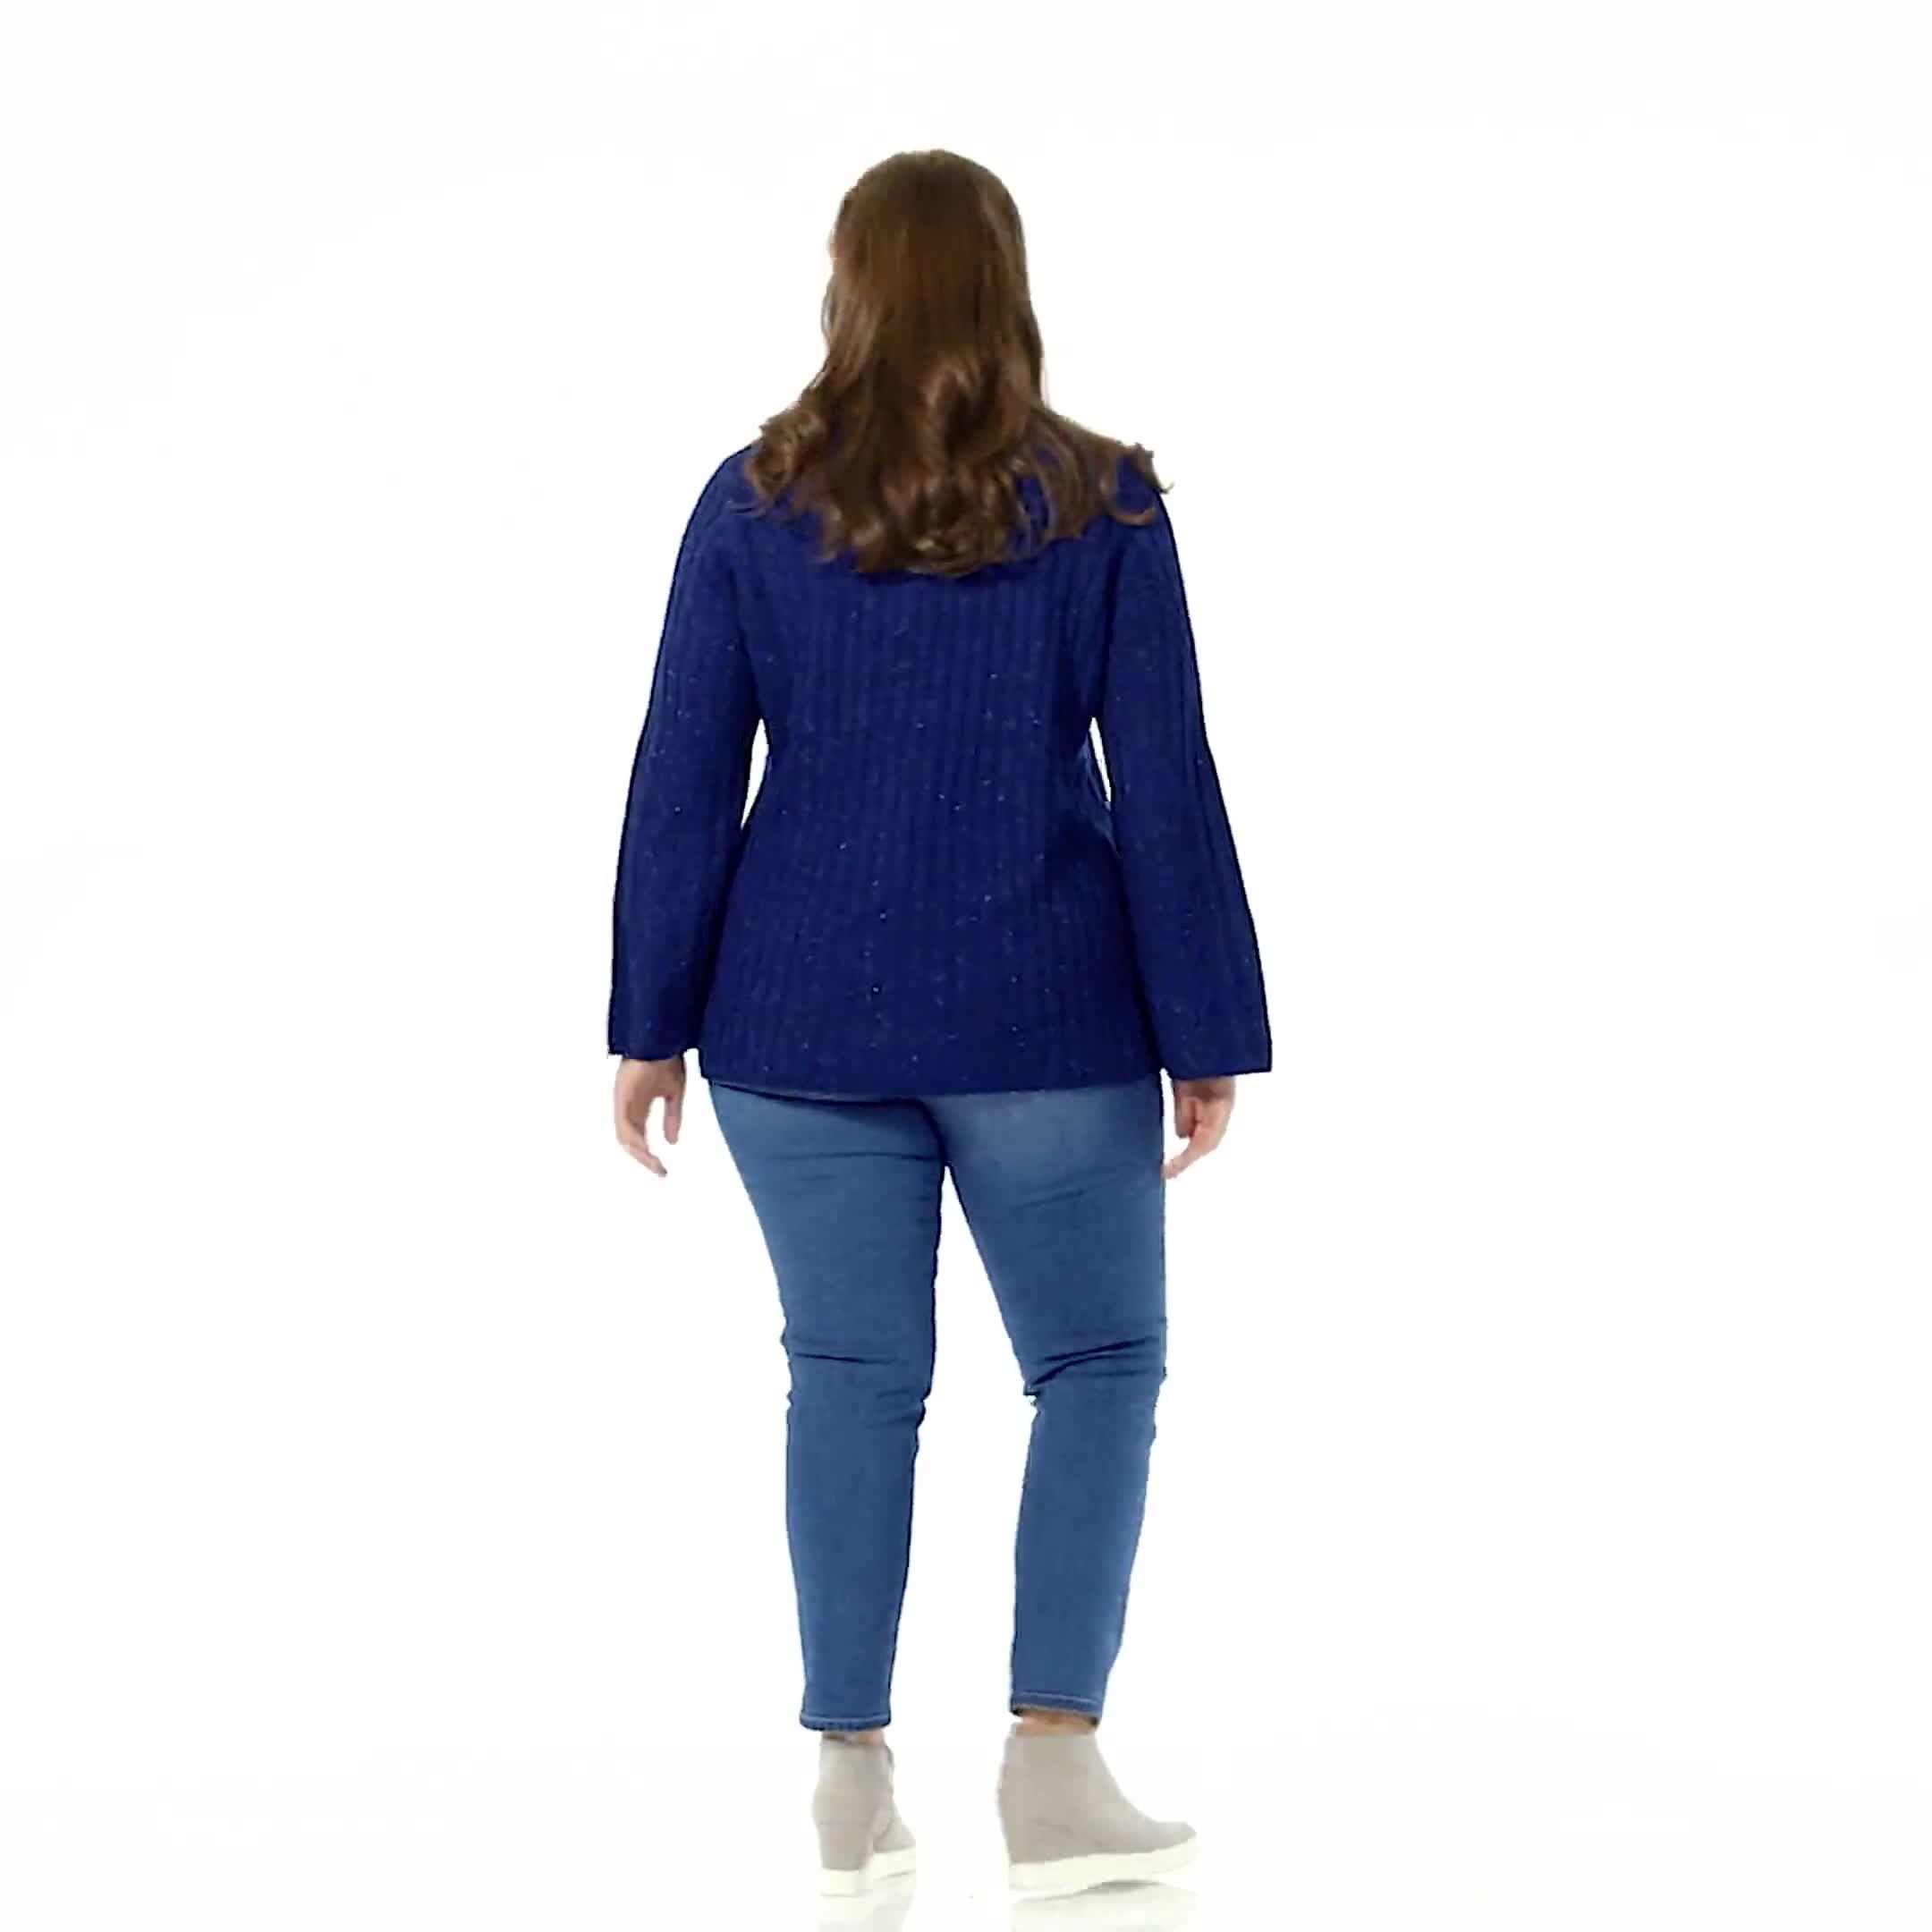 Westport Novelty Yarn Stitch Interest Sweater - Plus - Video